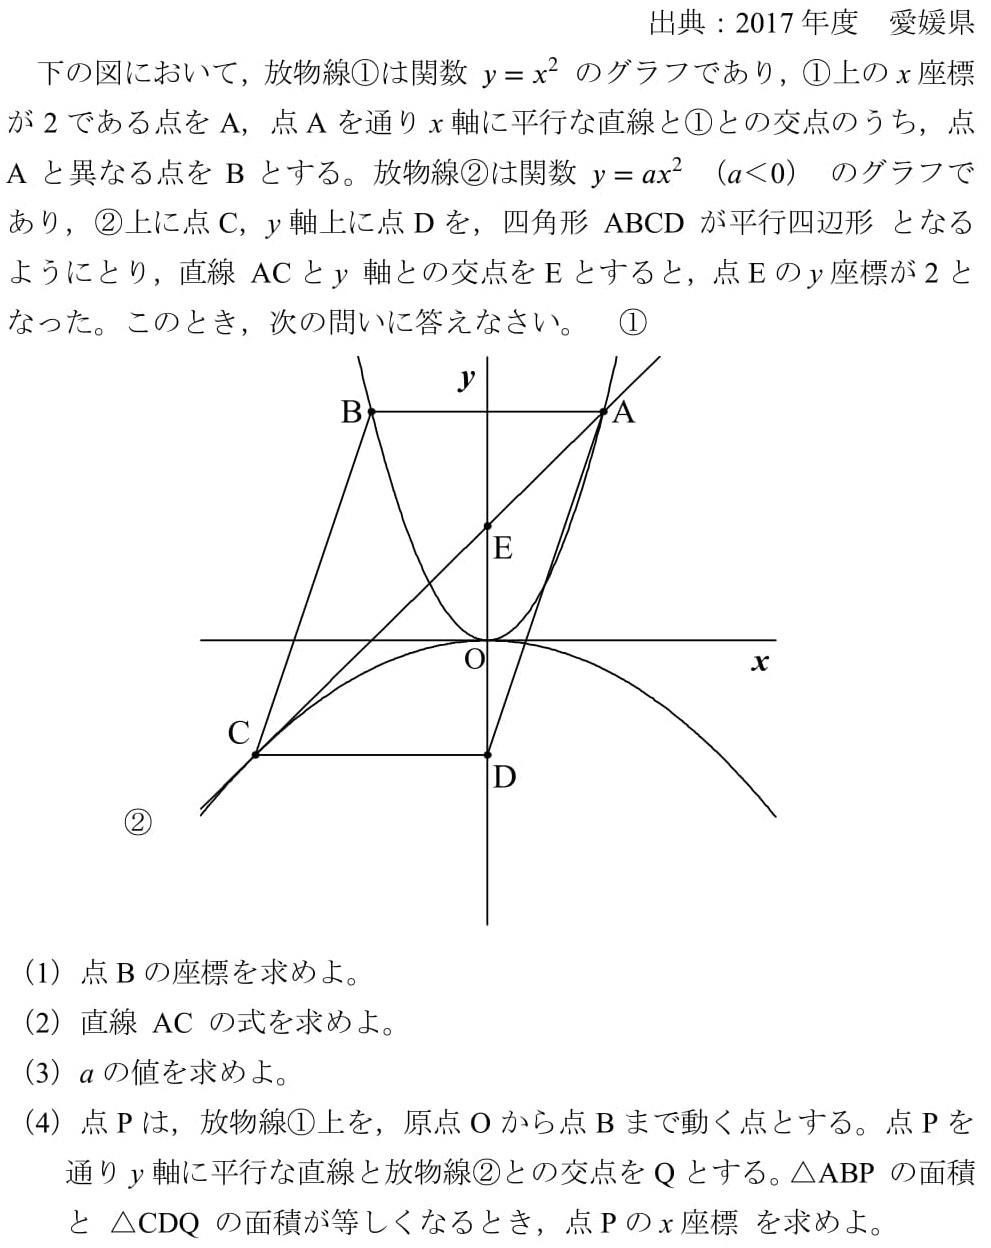 2017 愛媛県 高校入試 大問4 関数